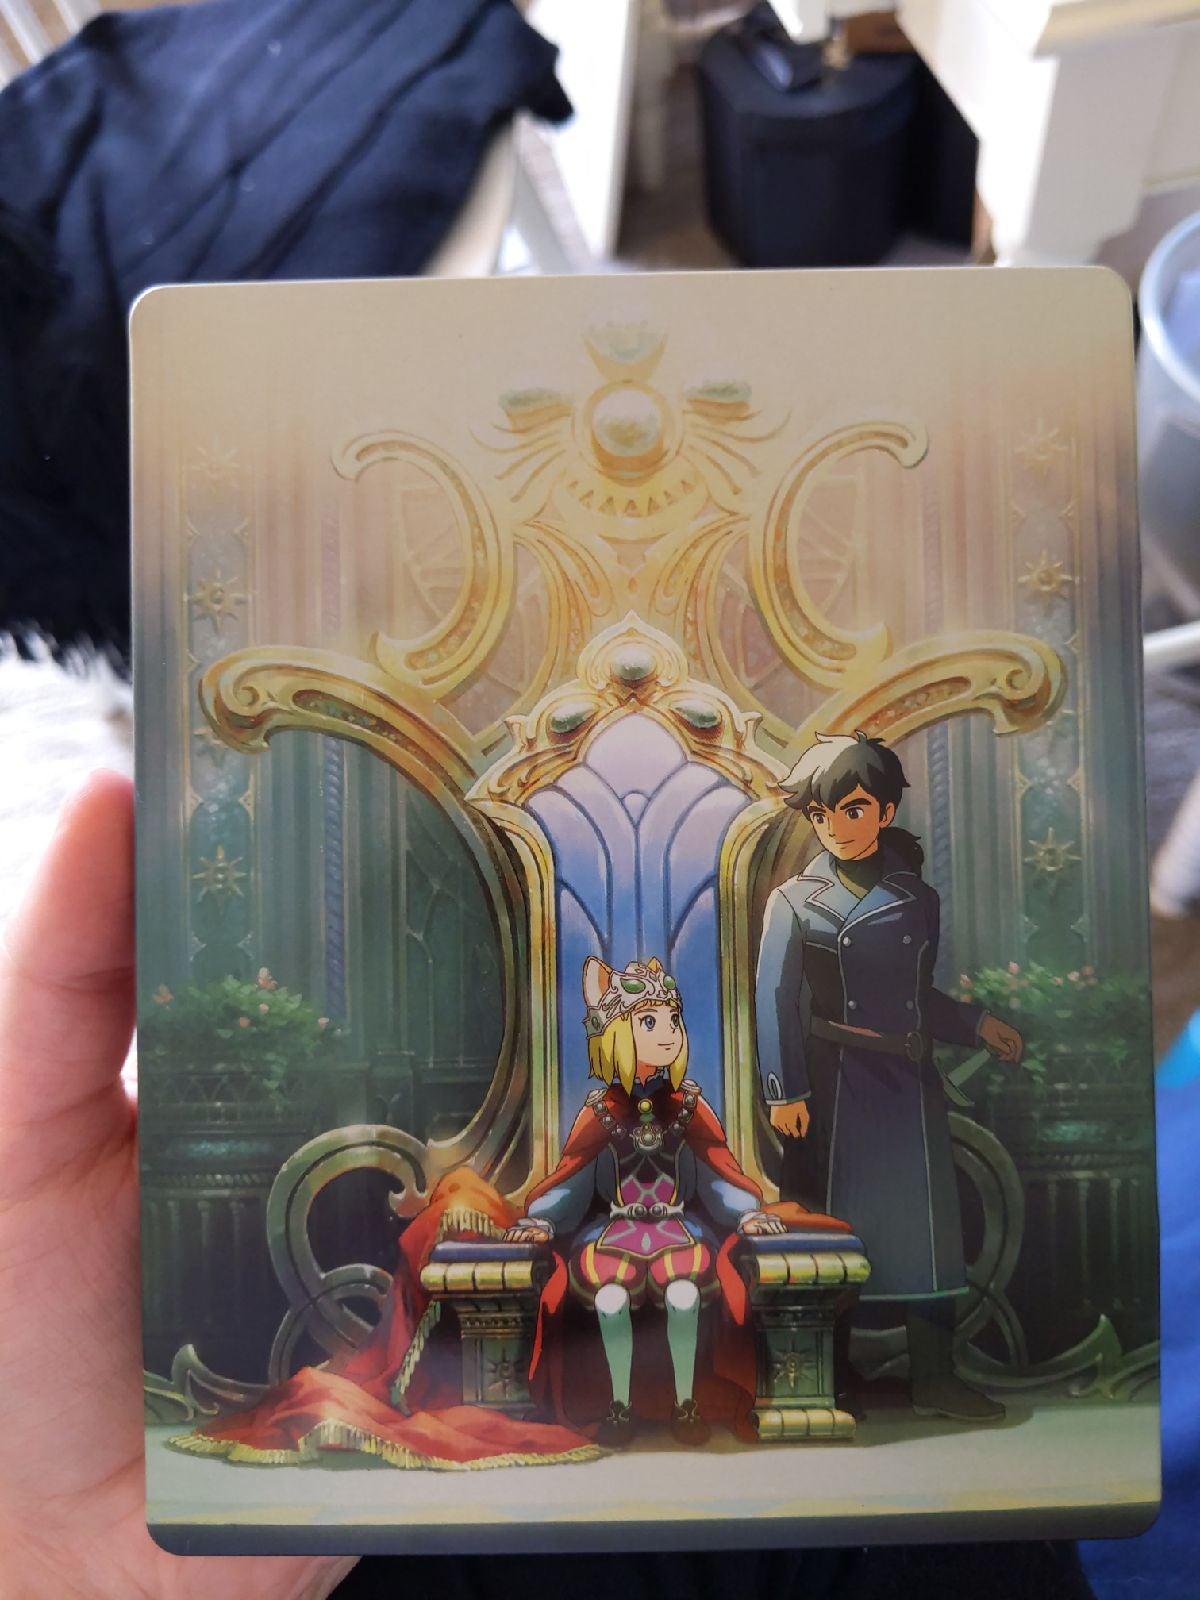 Ni No Kinu II Deluxe edition cds